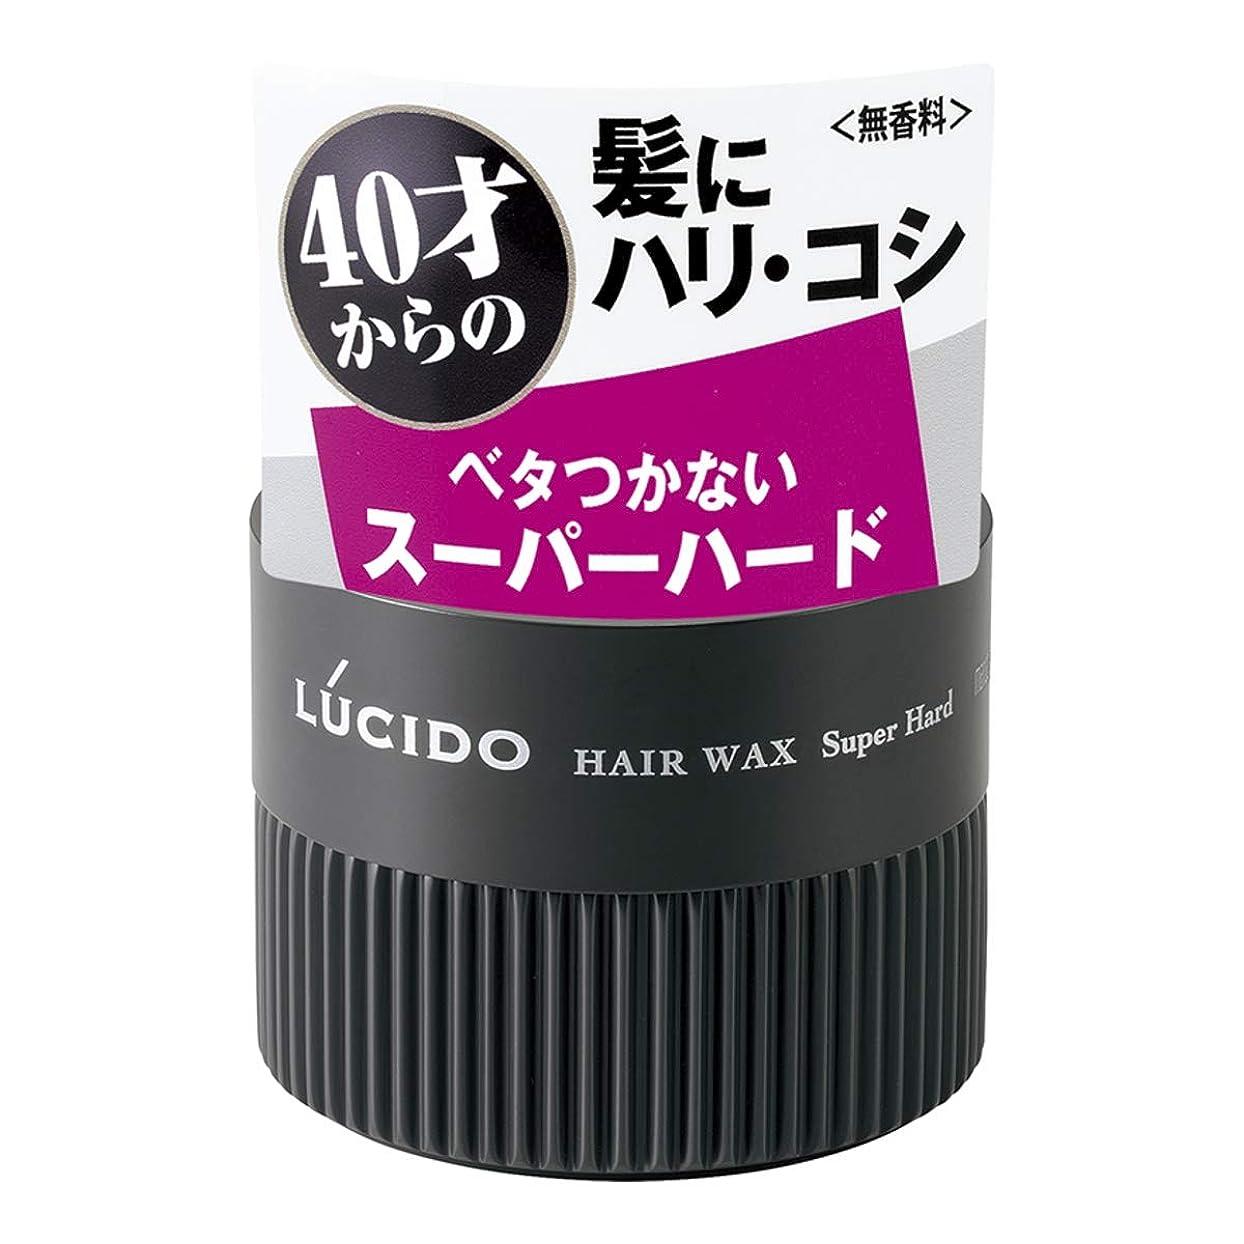 きょうだい治療五十LUCIDO(ルシード) ヘアワックス スーパーハード 80g